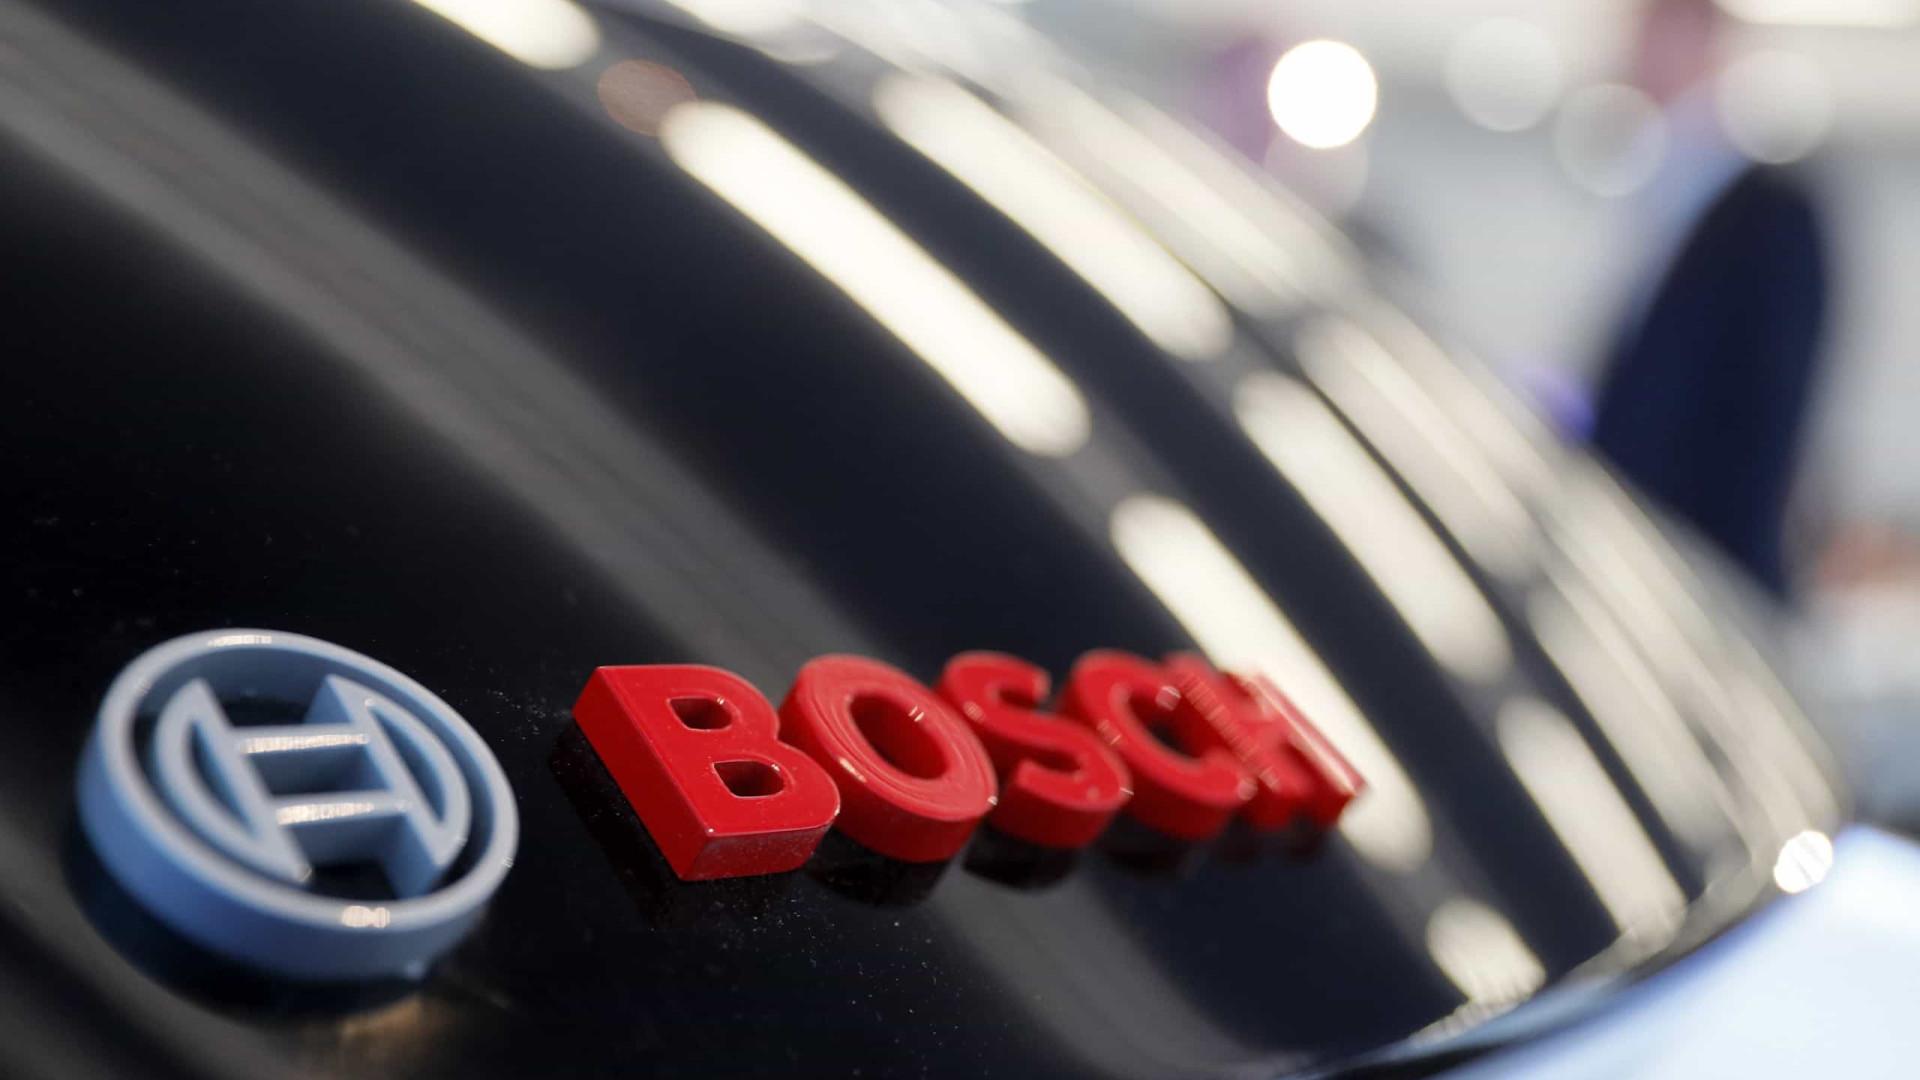 Bosch com resultados históricos prevê aumento de vendas em 2018